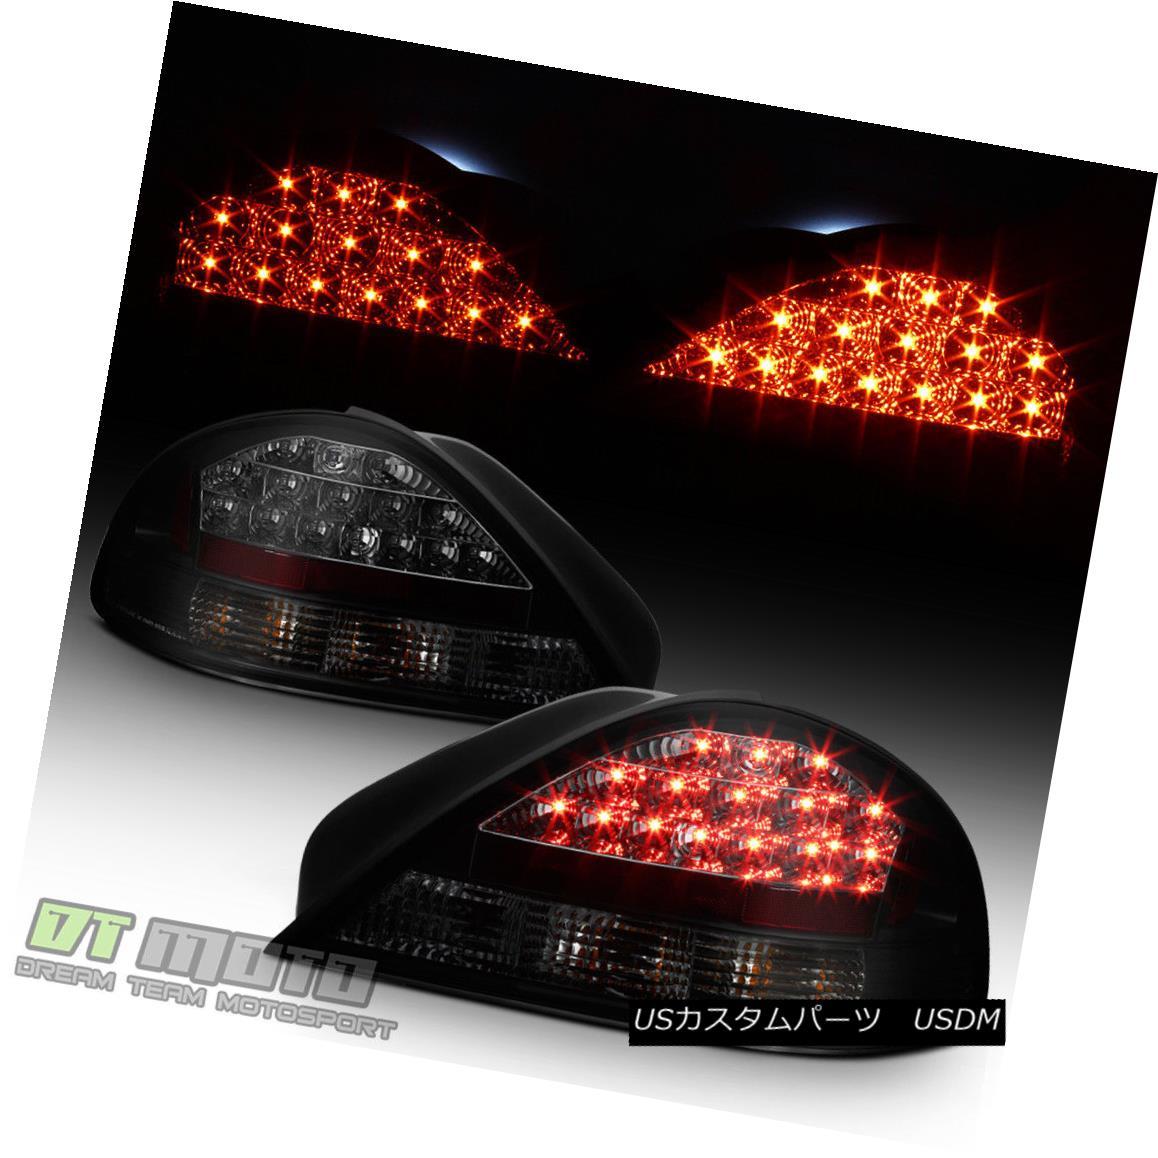 テールライト Grand Black Smoke 1999-2005 Pontiac Tail Grand AM Lumileds LED LED Tail Lights Lamps Left+Right ブラックスモーク1999-2005ポンティアックグランドAM Lumileds LEDテールライトランプ左+右, インテリア ドーモ:4760ed96 --- officewill.xsrv.jp